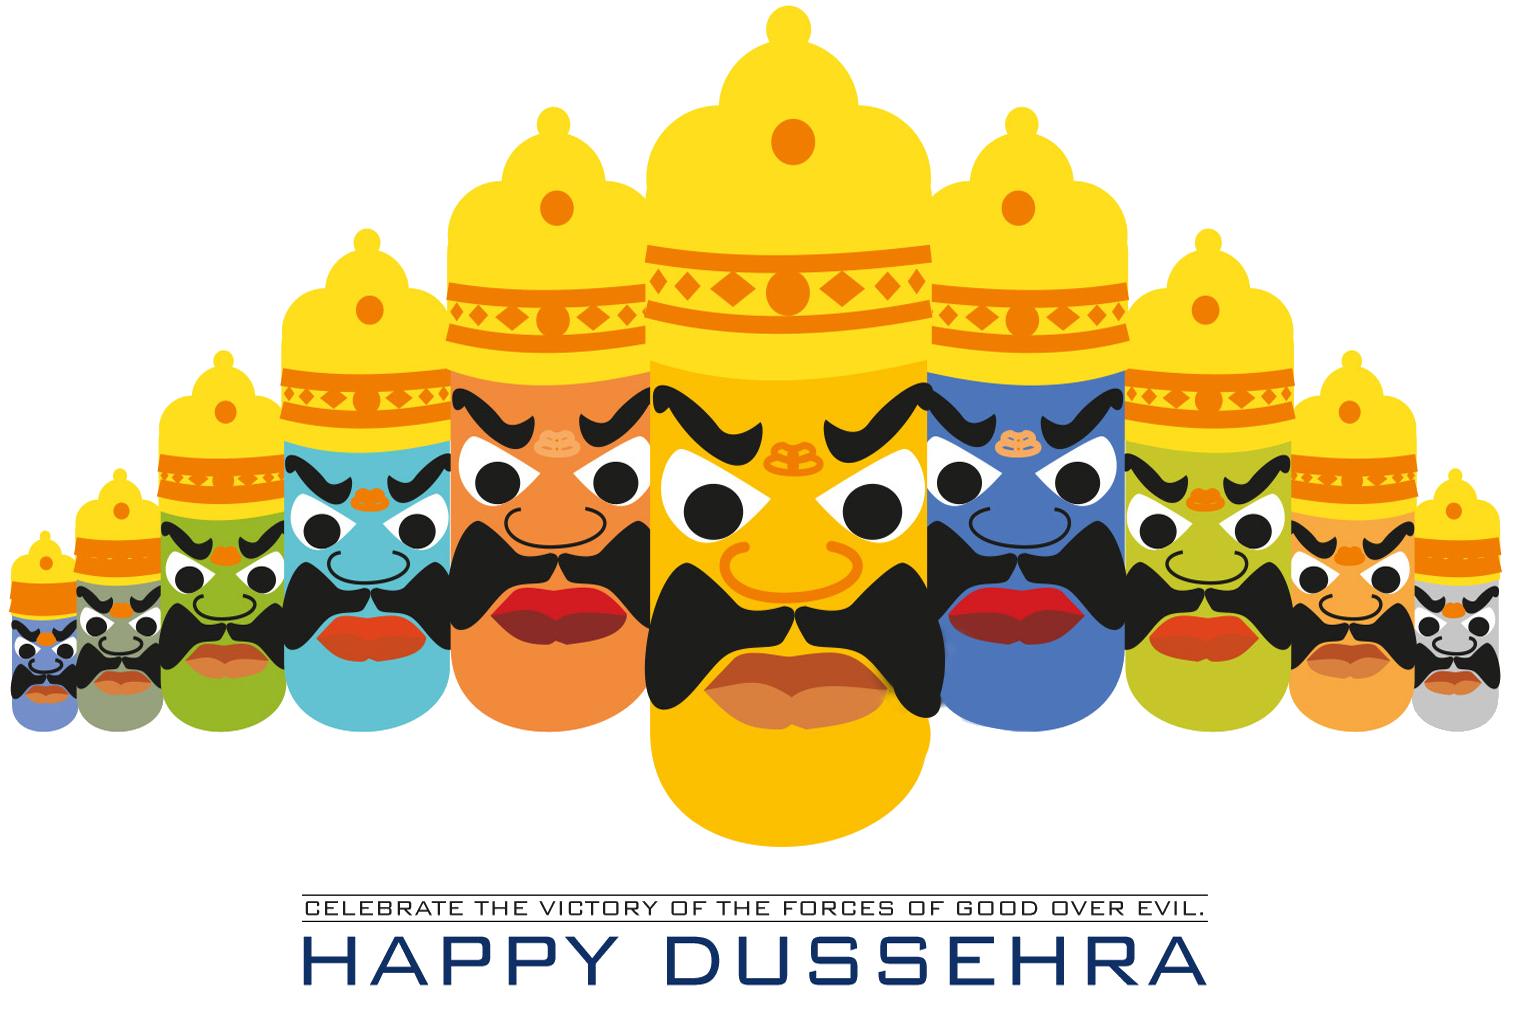 Dussehra PNG Image - Dussehra HD PNG